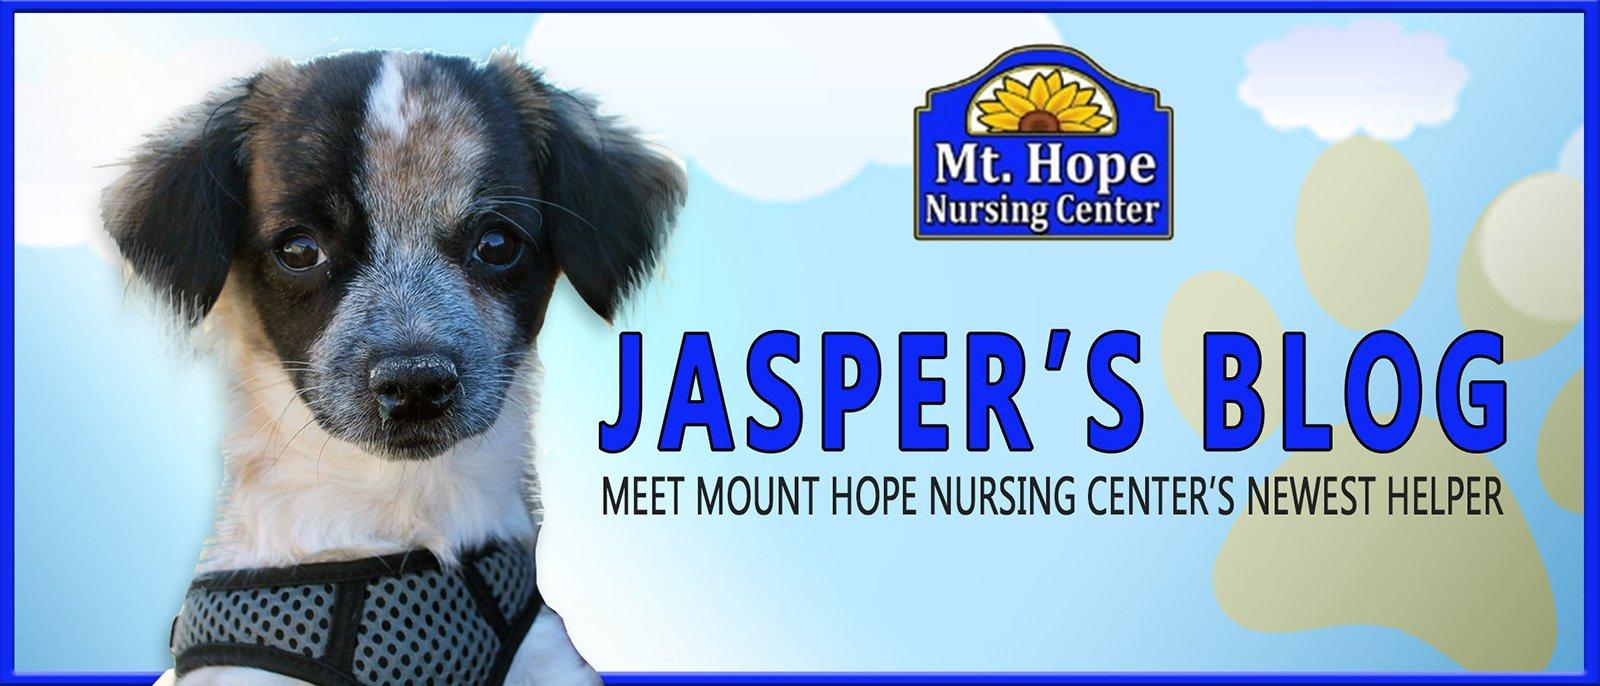 Jasper Blog header - Jasper's Blog